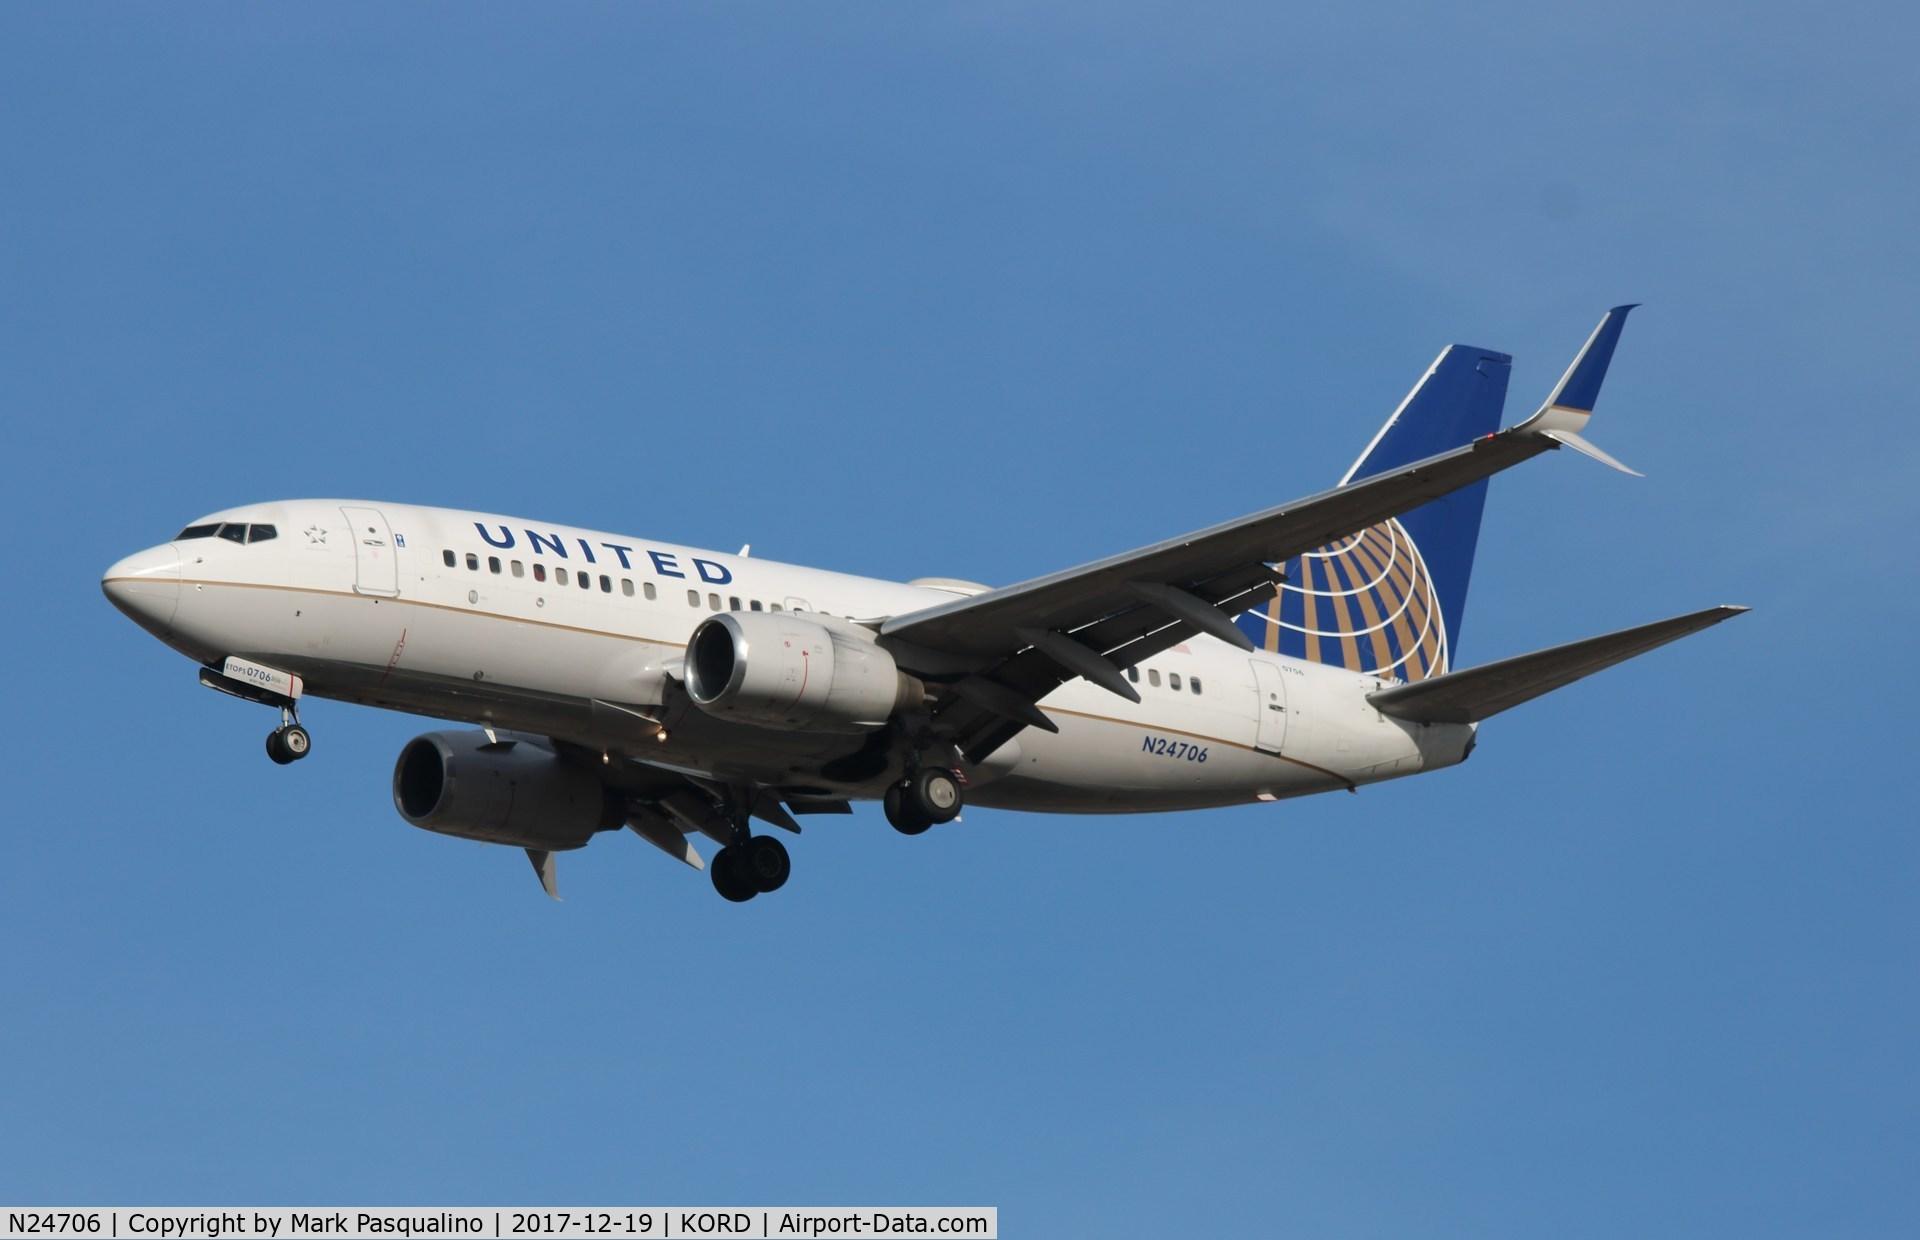 N24706, 1998 Boeing 737-724 C/N 28767, Boeing 737-700